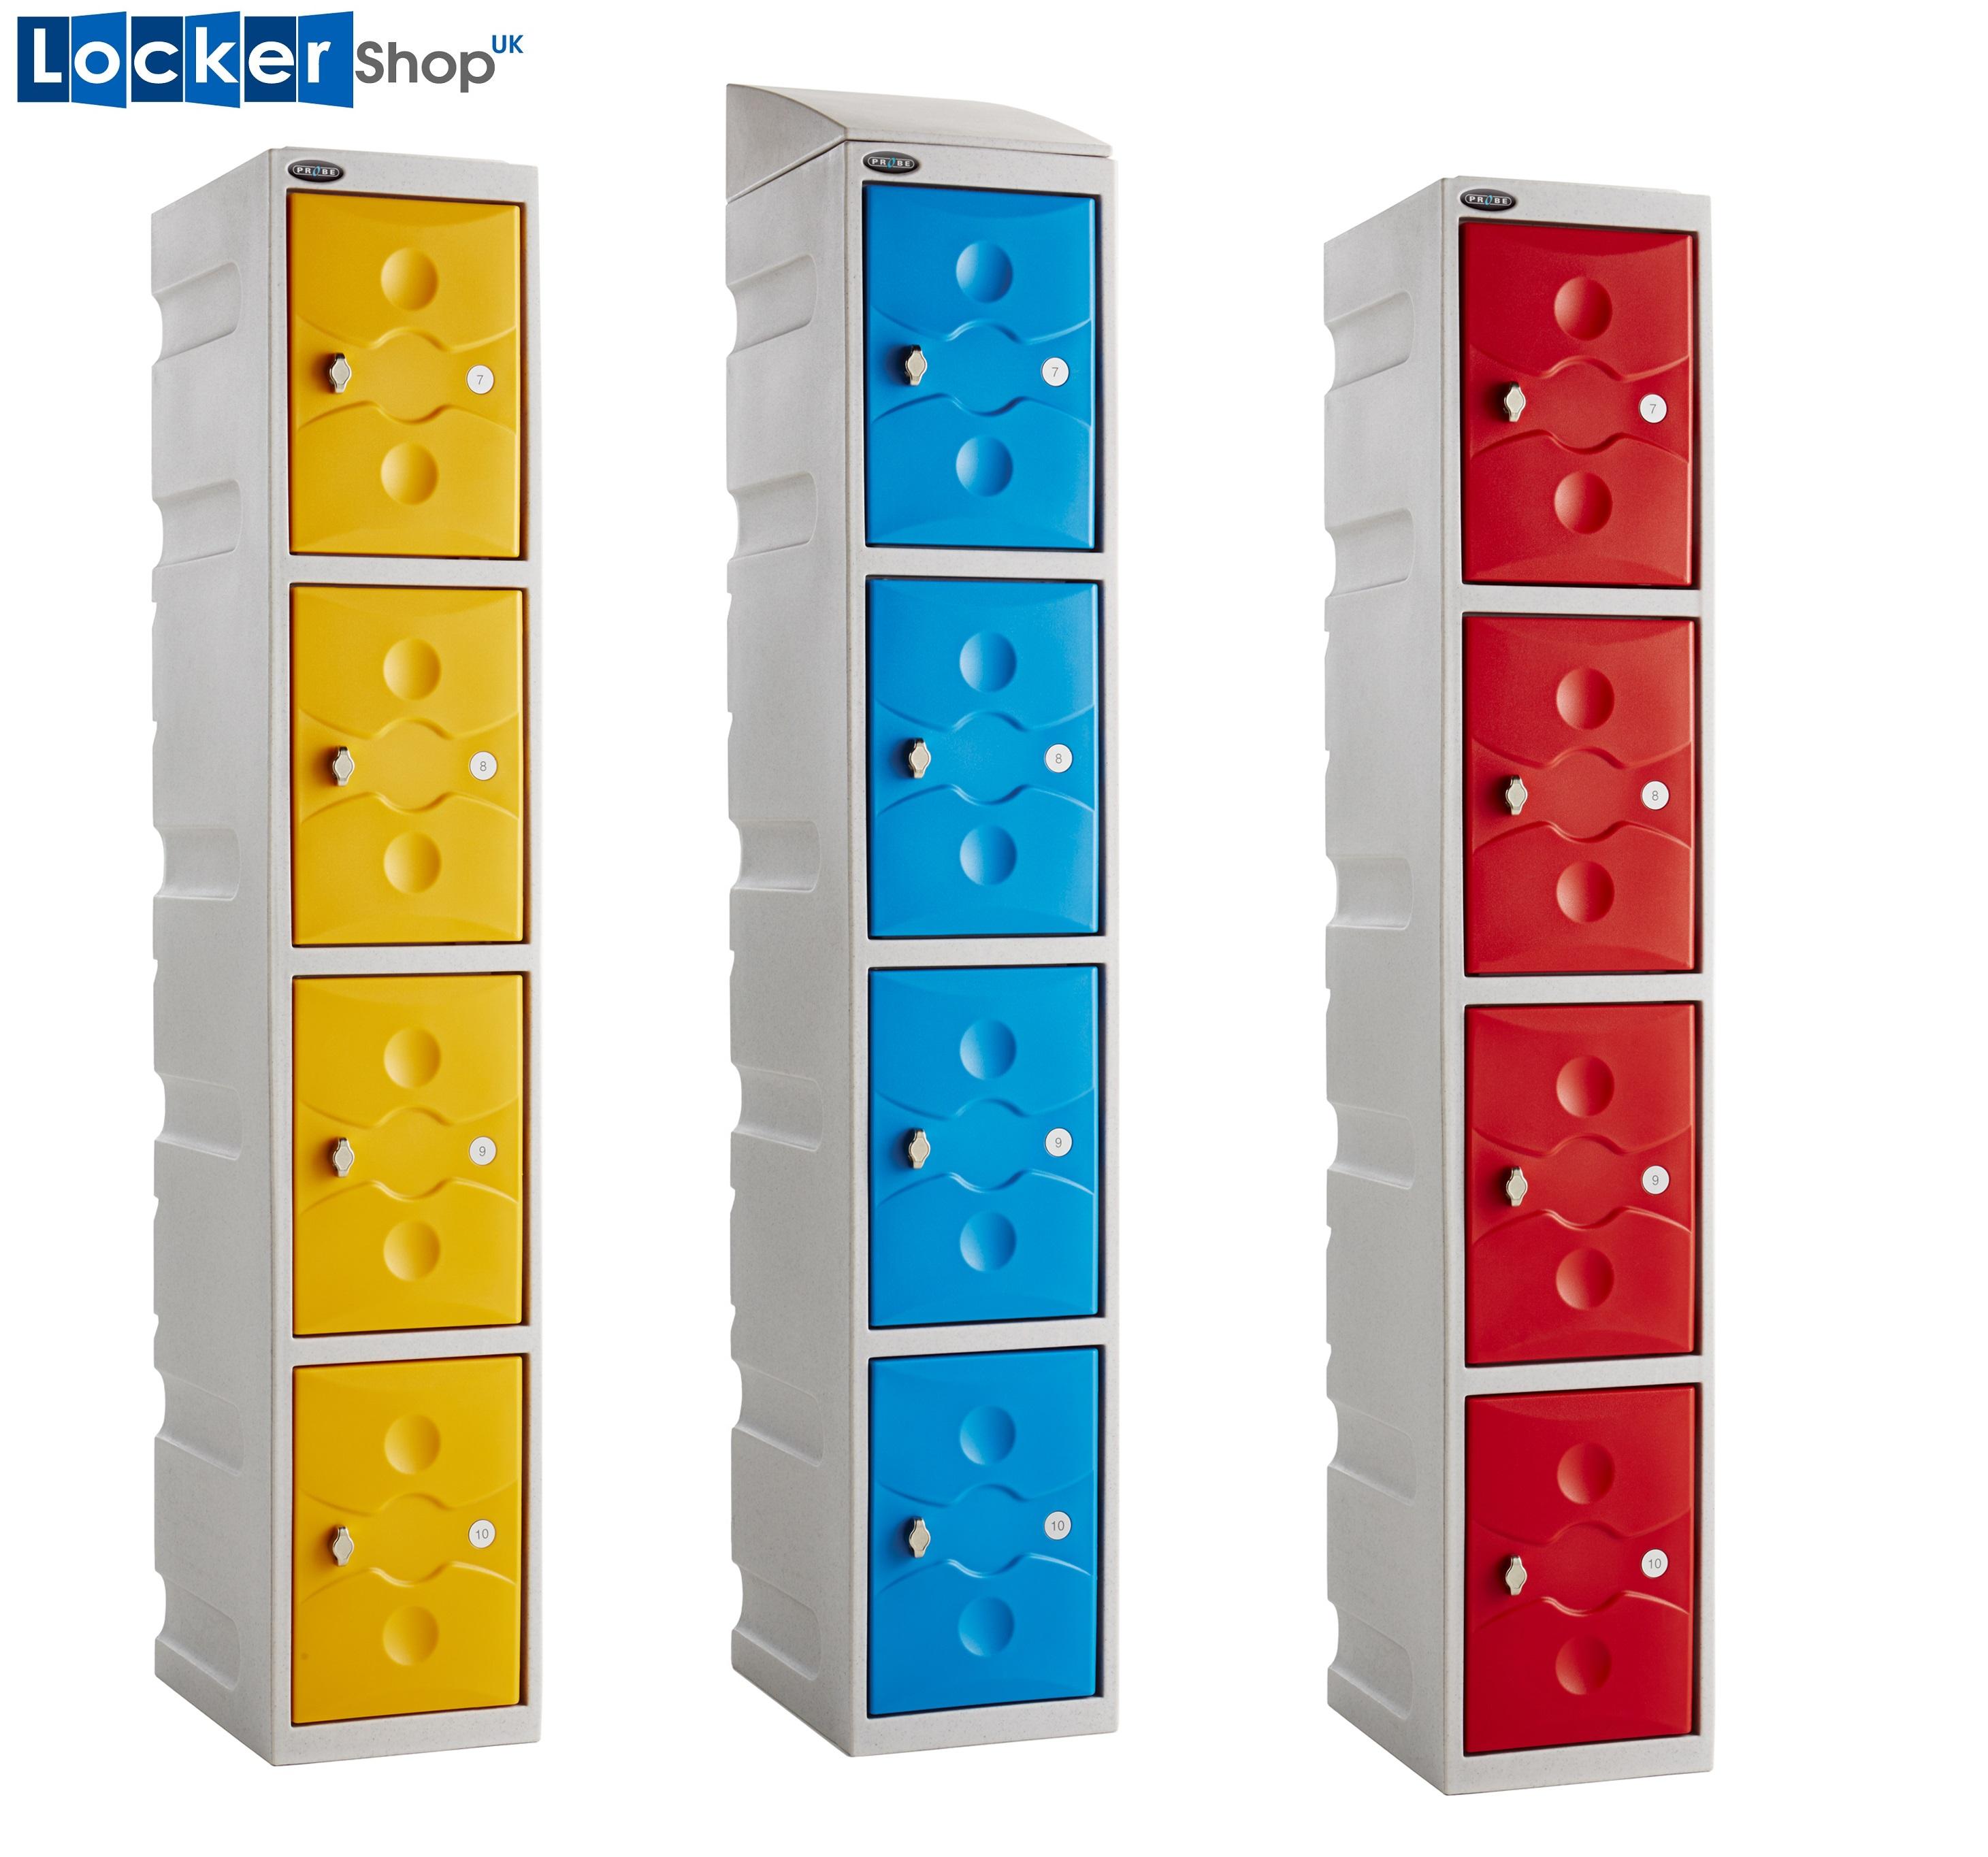 Ultrabox 4 Doors Water Resistant